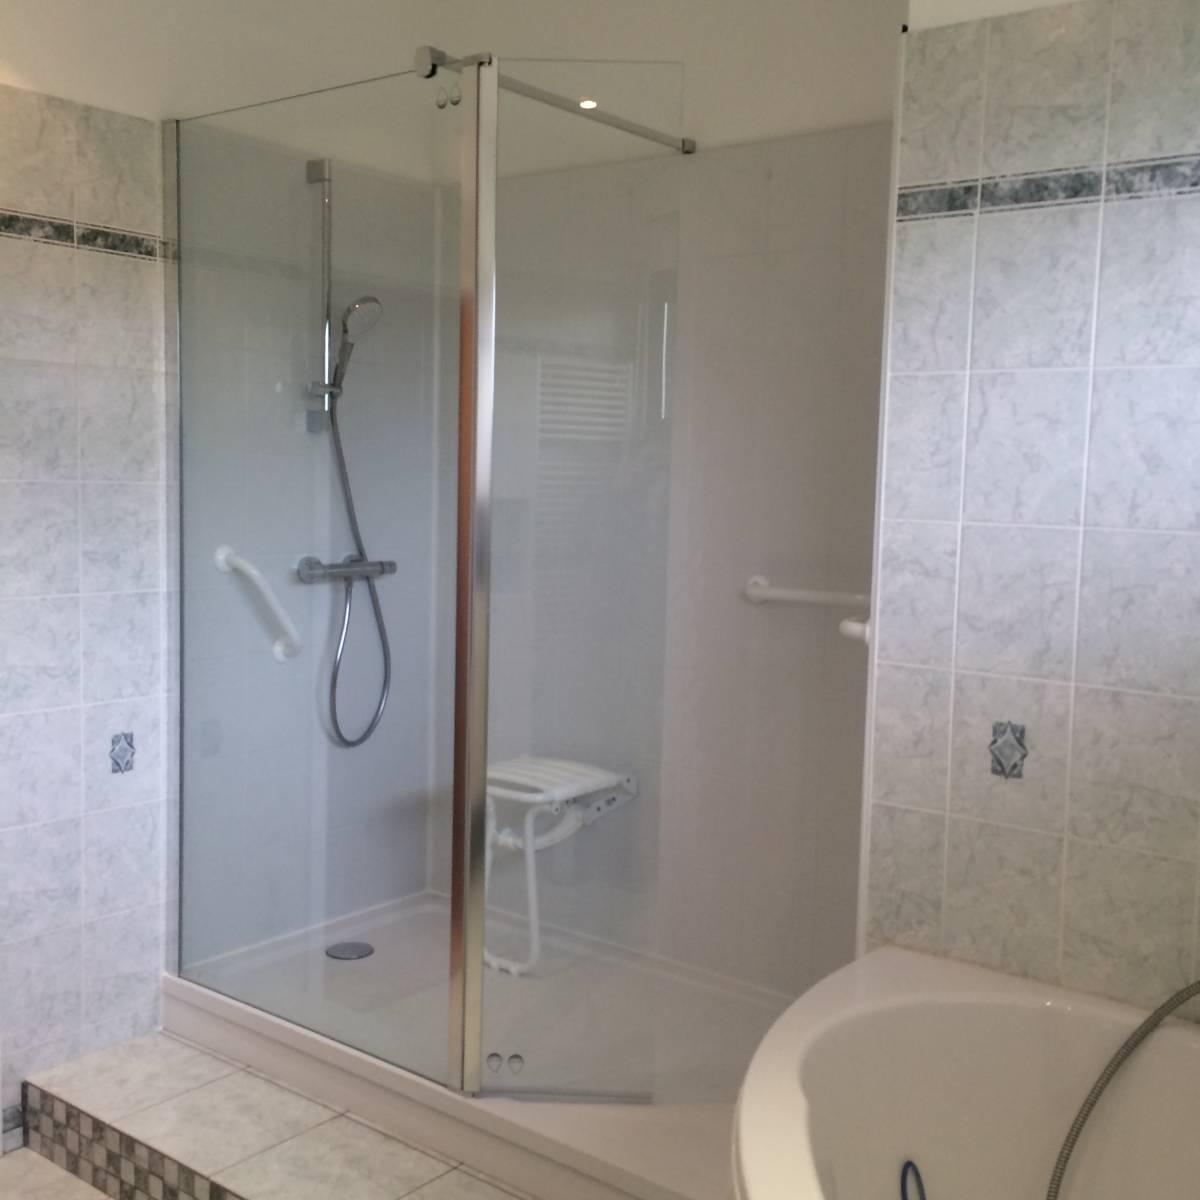 sp cialiste remplacement baignoire par douche senior s curis e charleville m zi res et dans. Black Bedroom Furniture Sets. Home Design Ideas